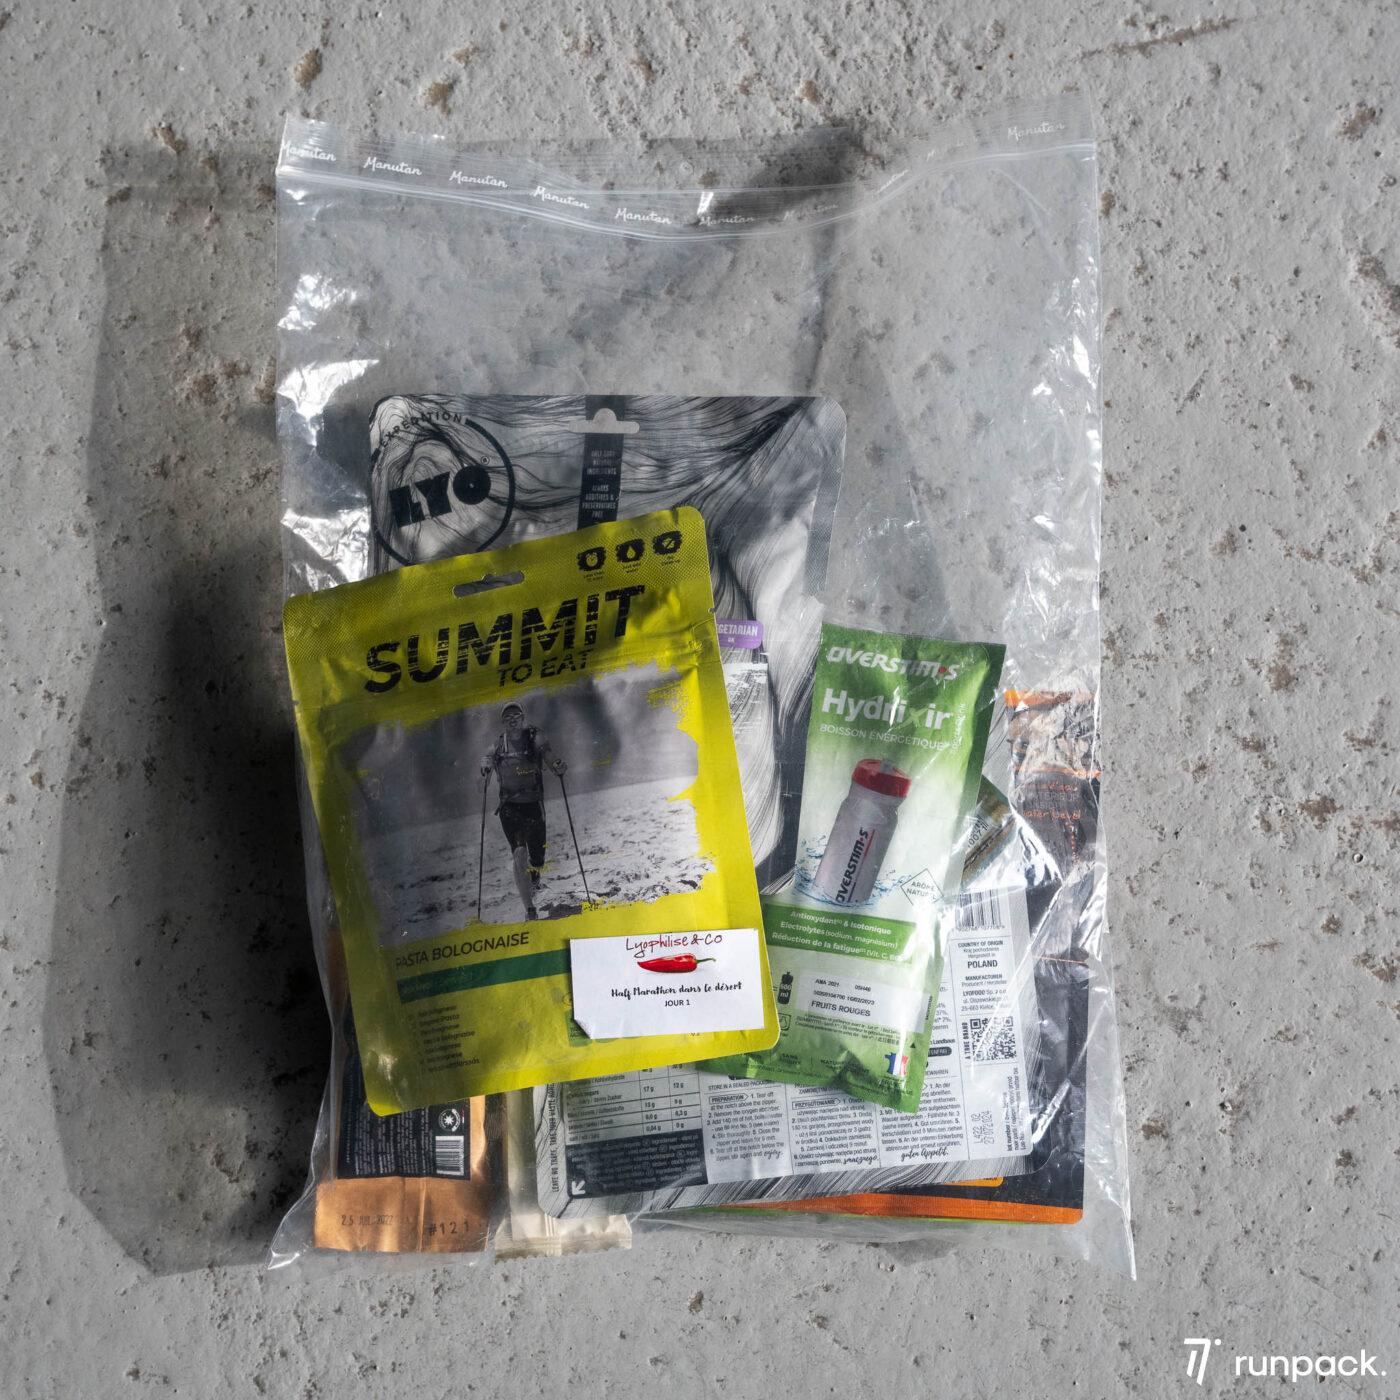 produits lyophilise and co runpack 8